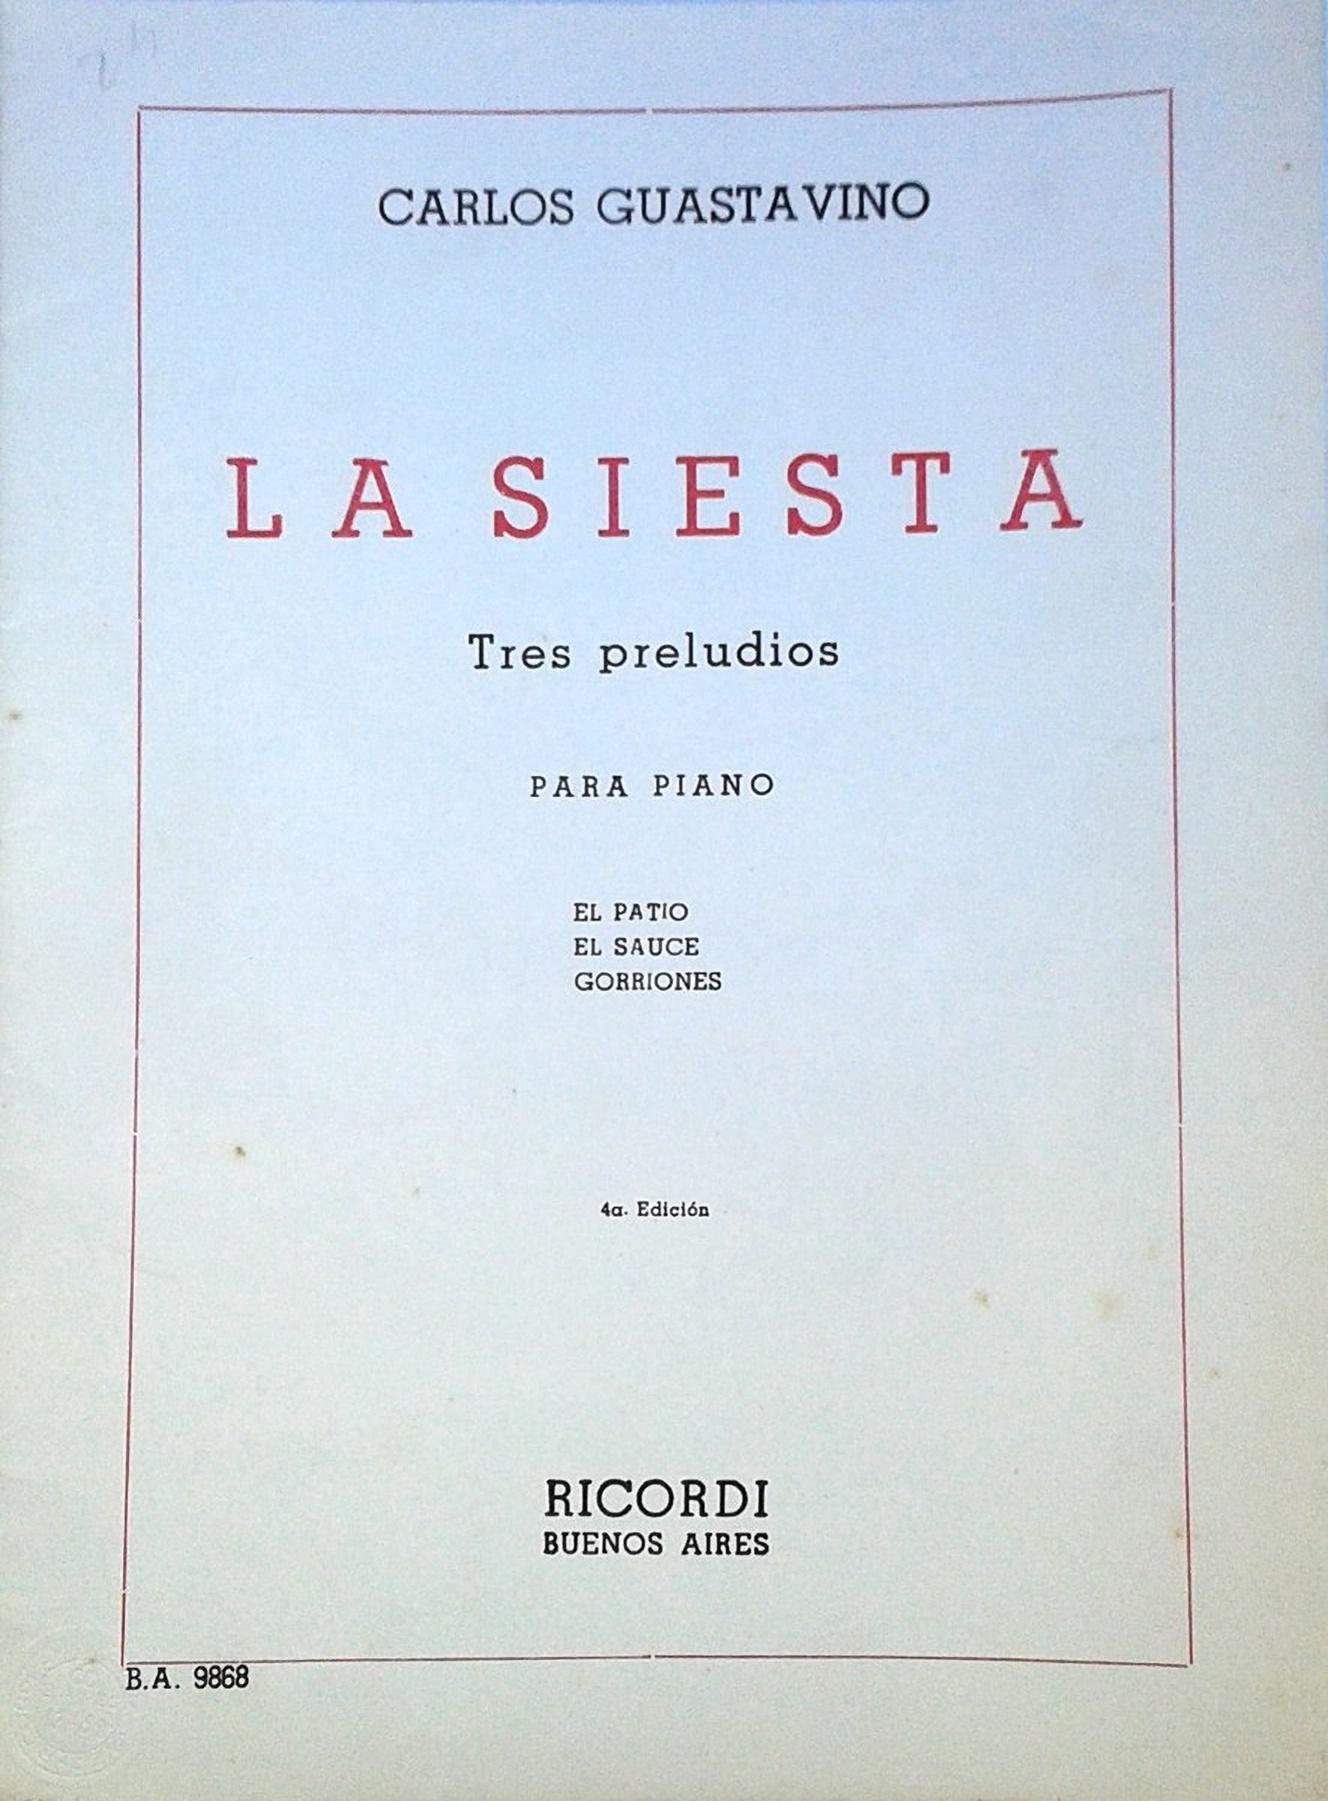 Carlos Guastavino La Siesta Tres Preludios Pianogratis